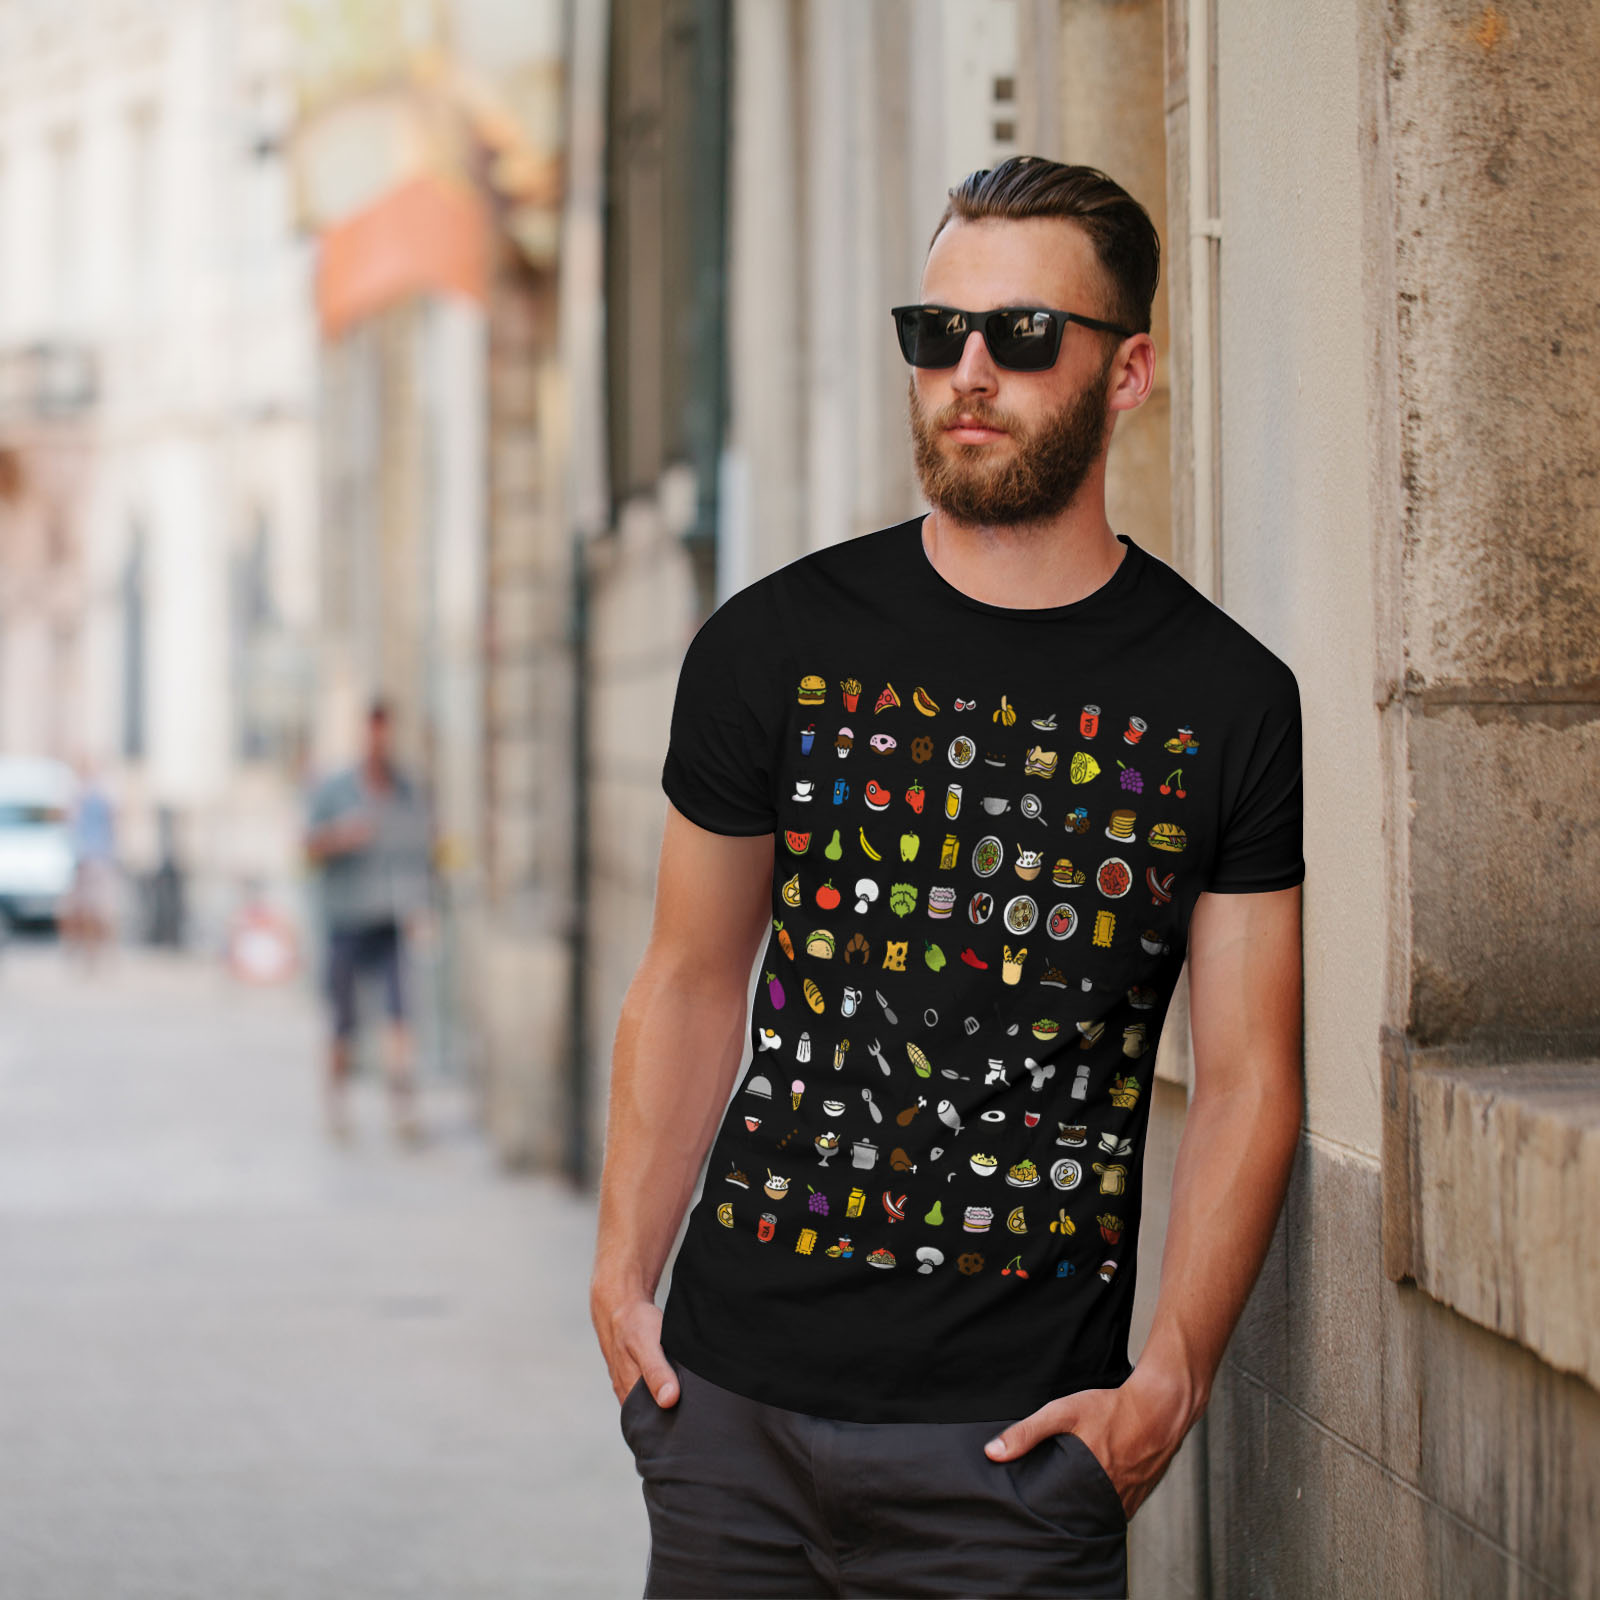 Wellcoda drôle Junk élégant T-shirt homme Manger De Design Graphique Imprimé Tee